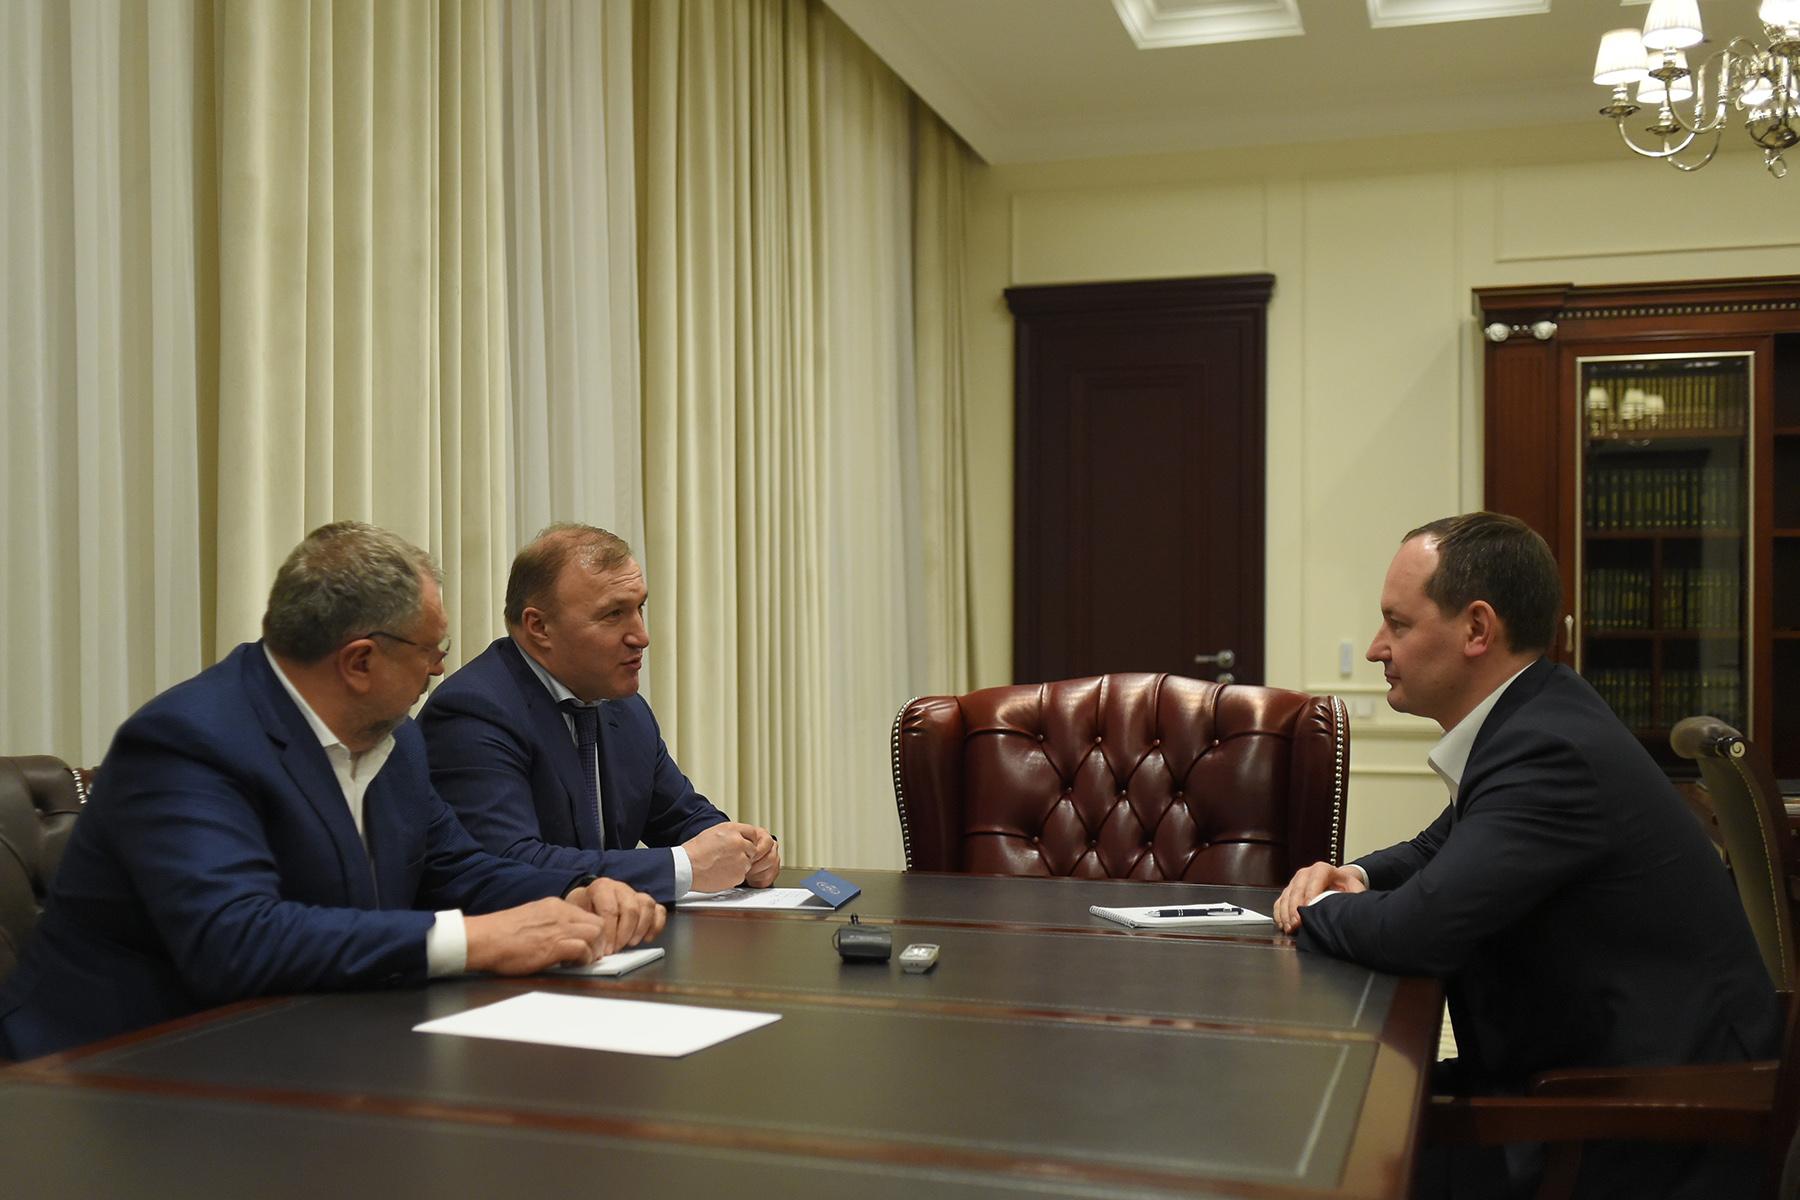 Глава Адыгеи и руководитель «Россетей» обсудили перспективы развития энергокомплекса региона